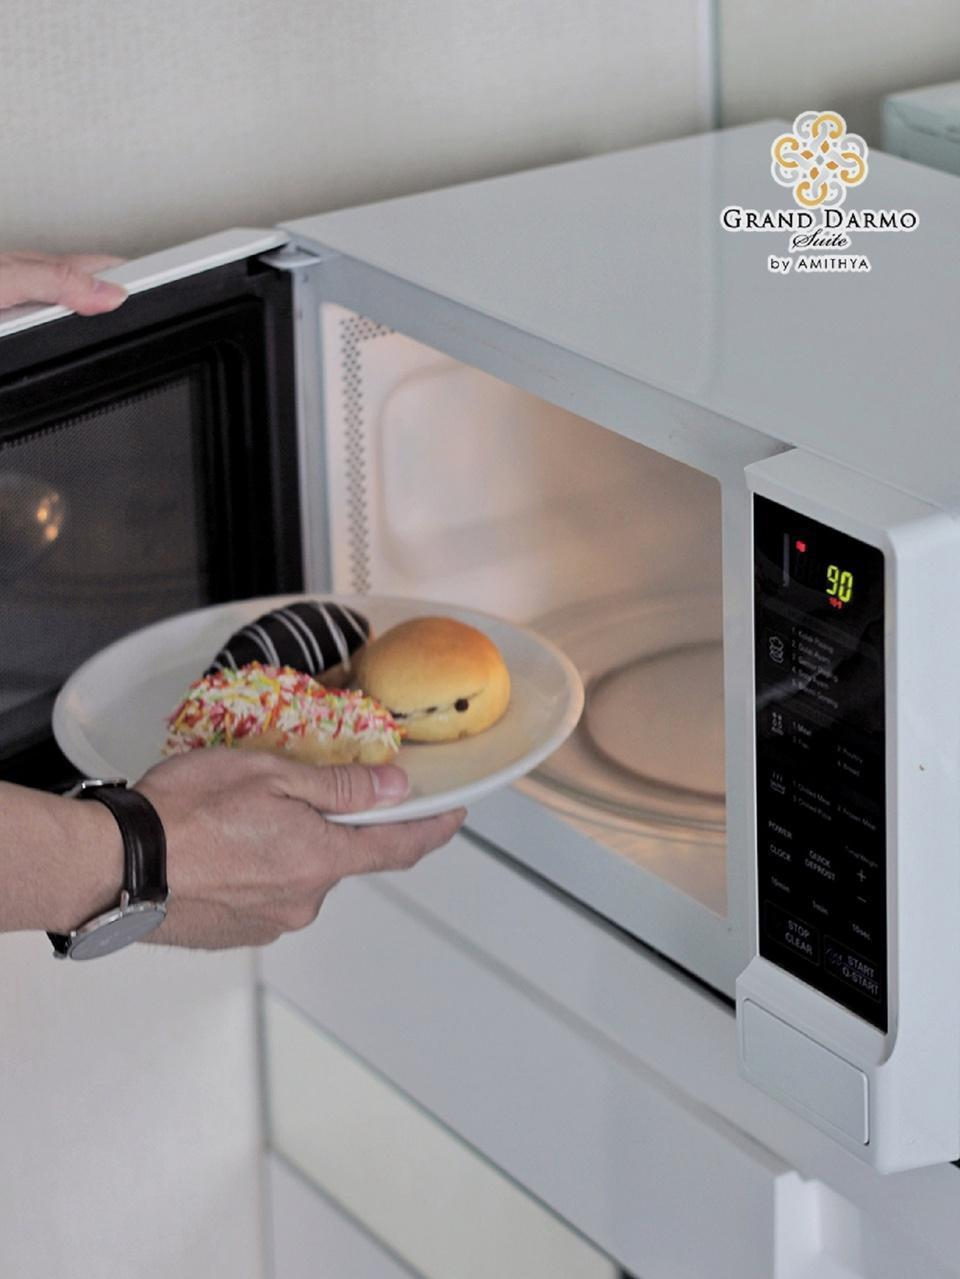 Grand Darmo Suite Surabaya - Microwave